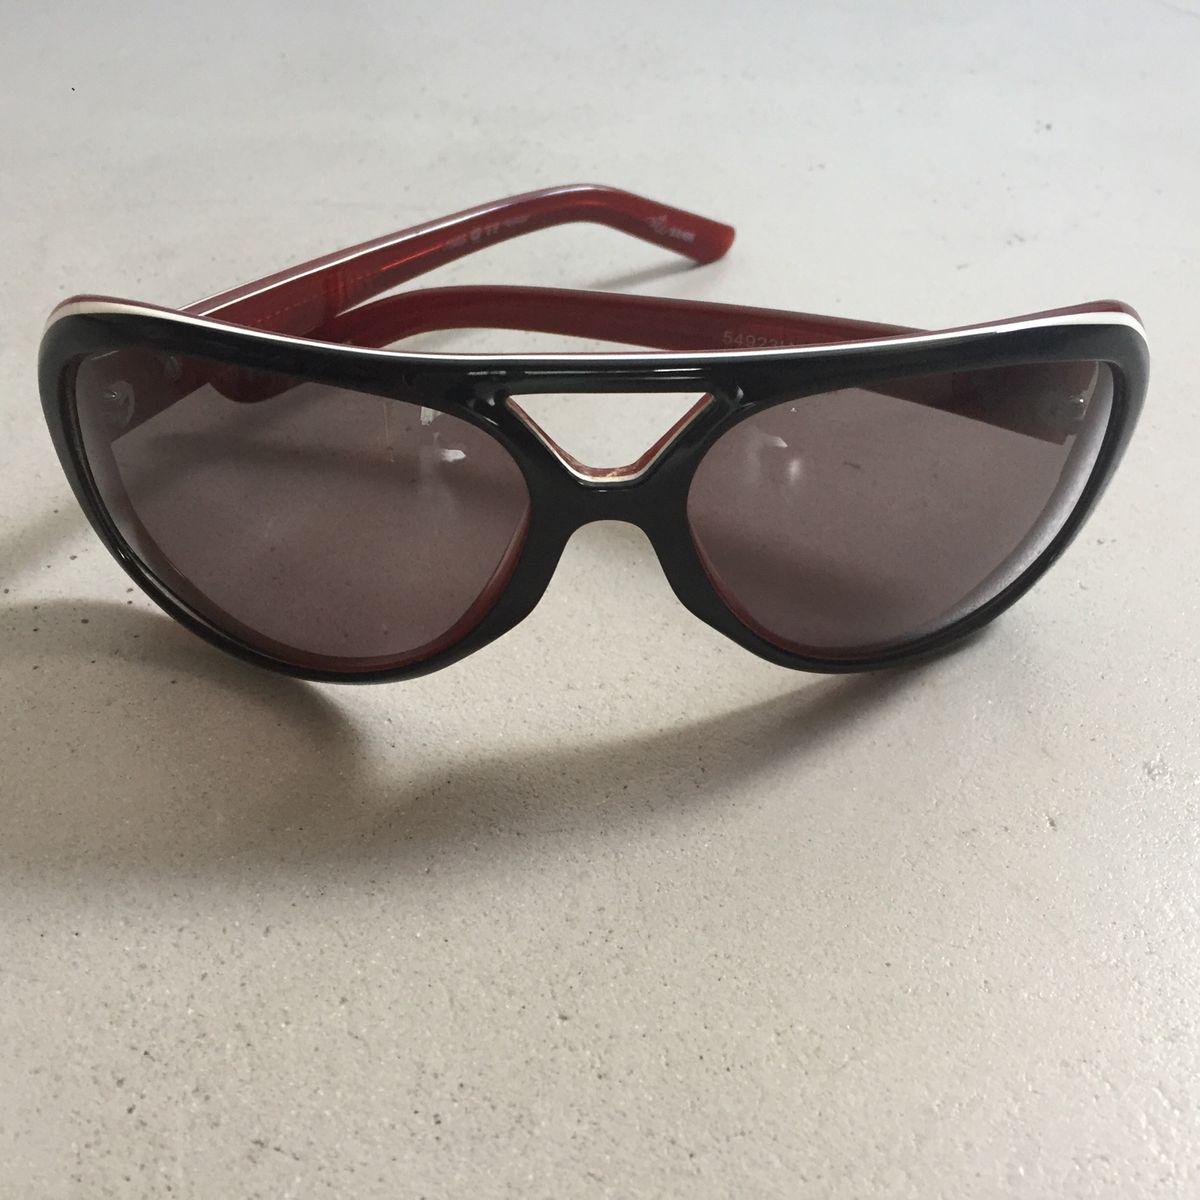 cd78735eb Óculos de Sol Chilli Beans Preto com Interno Vermelho Vinho | Óculos  Feminino Chilli Beans Usado 32161358 | enjoei